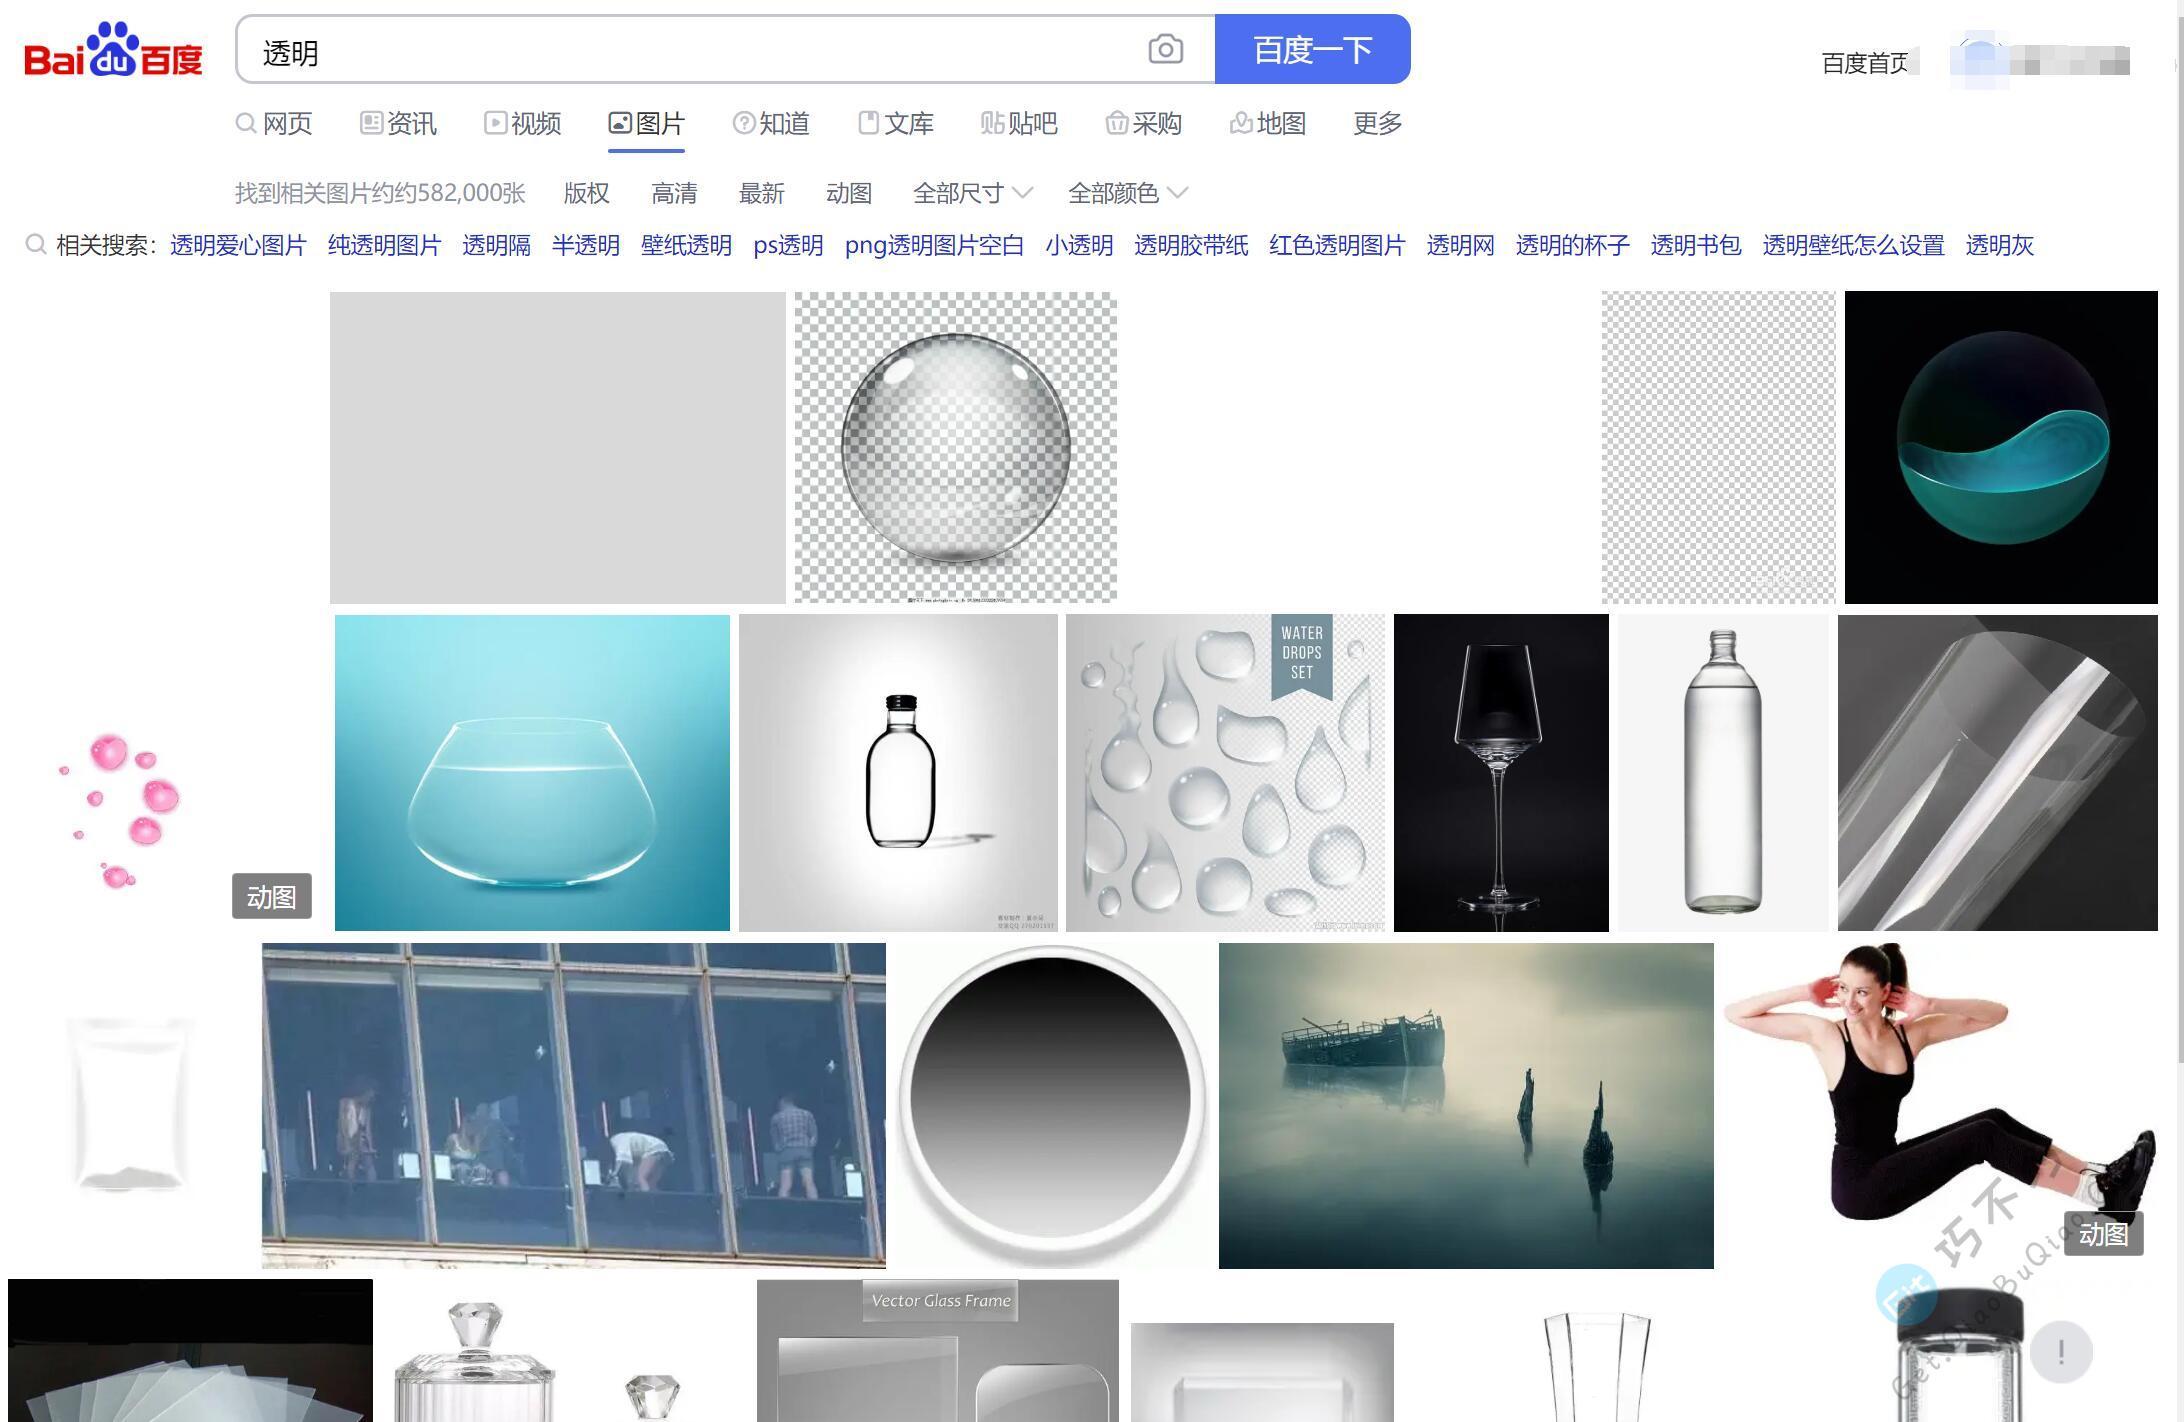 比百度图片更好的一个图片搜索引擎,你可以用它收集更高品质的图片素材